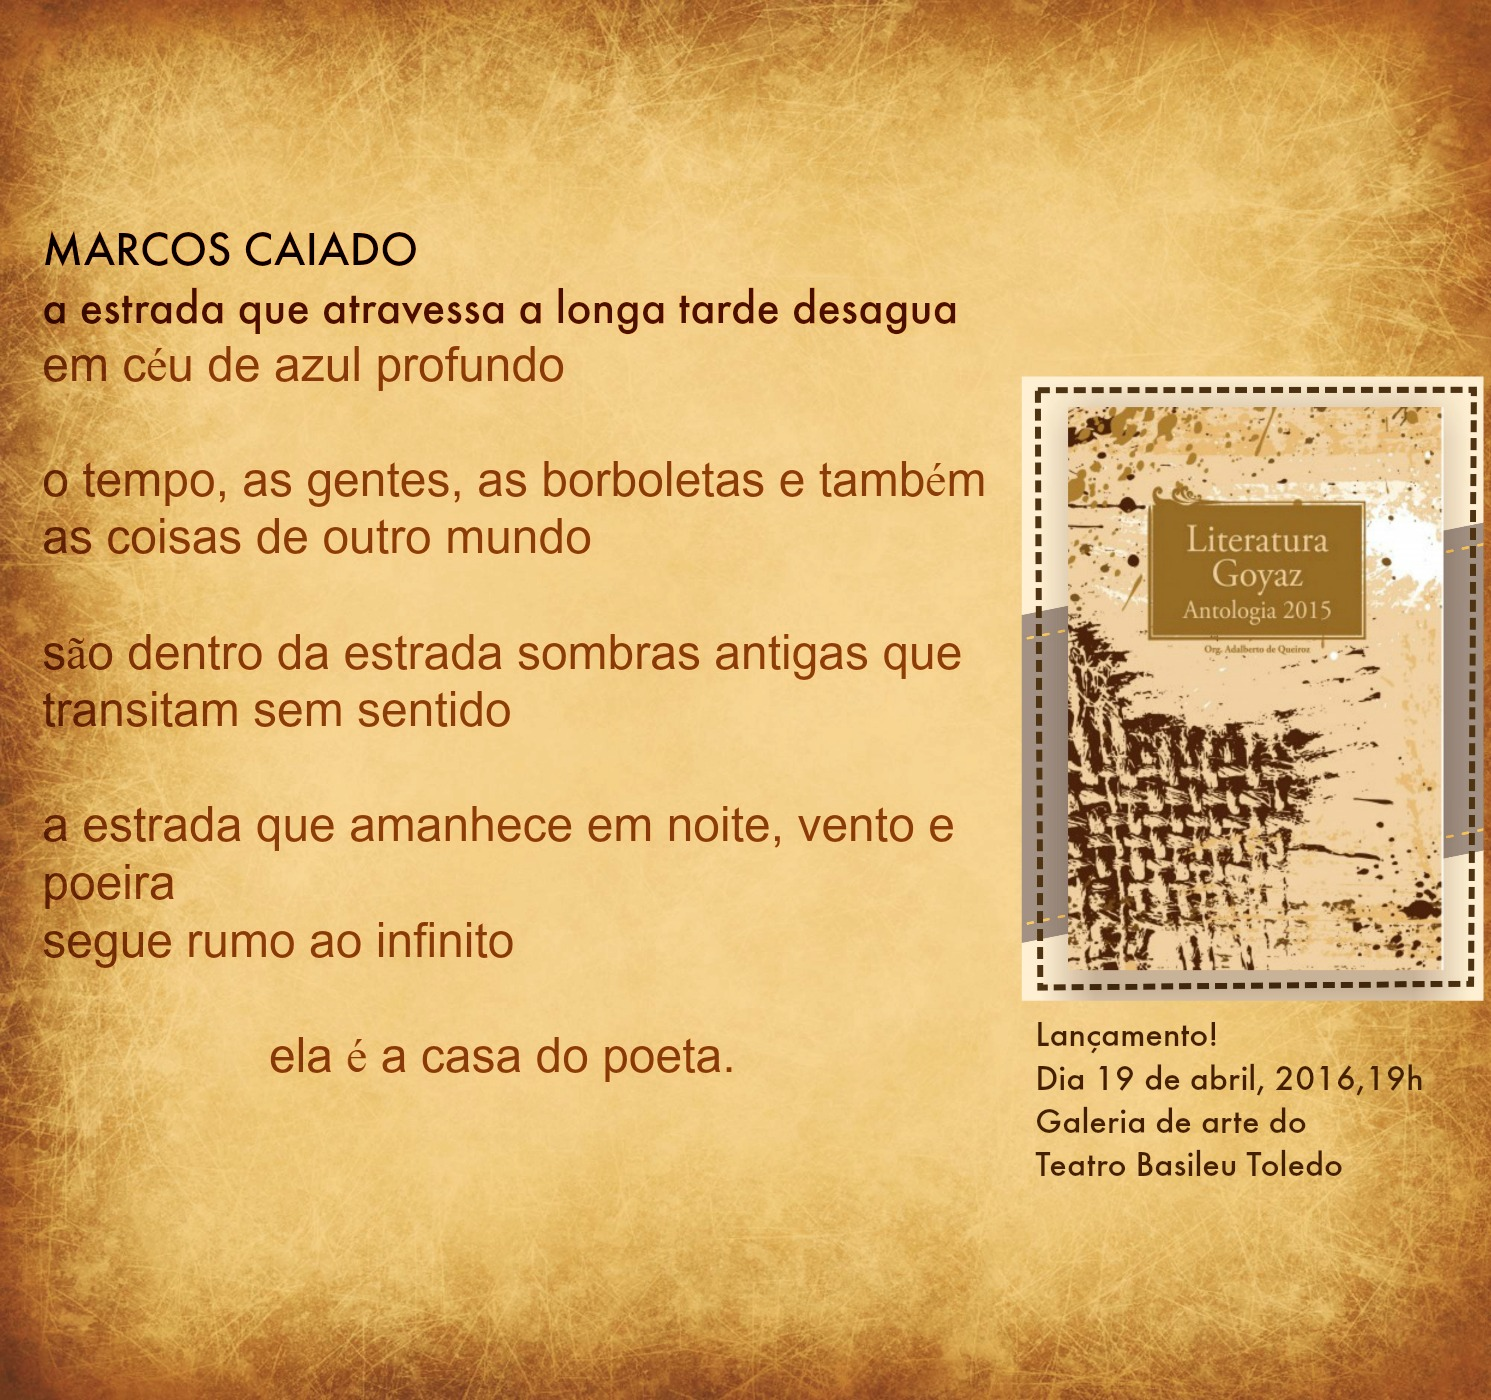 MarcosCaiadoLançamento.jpg